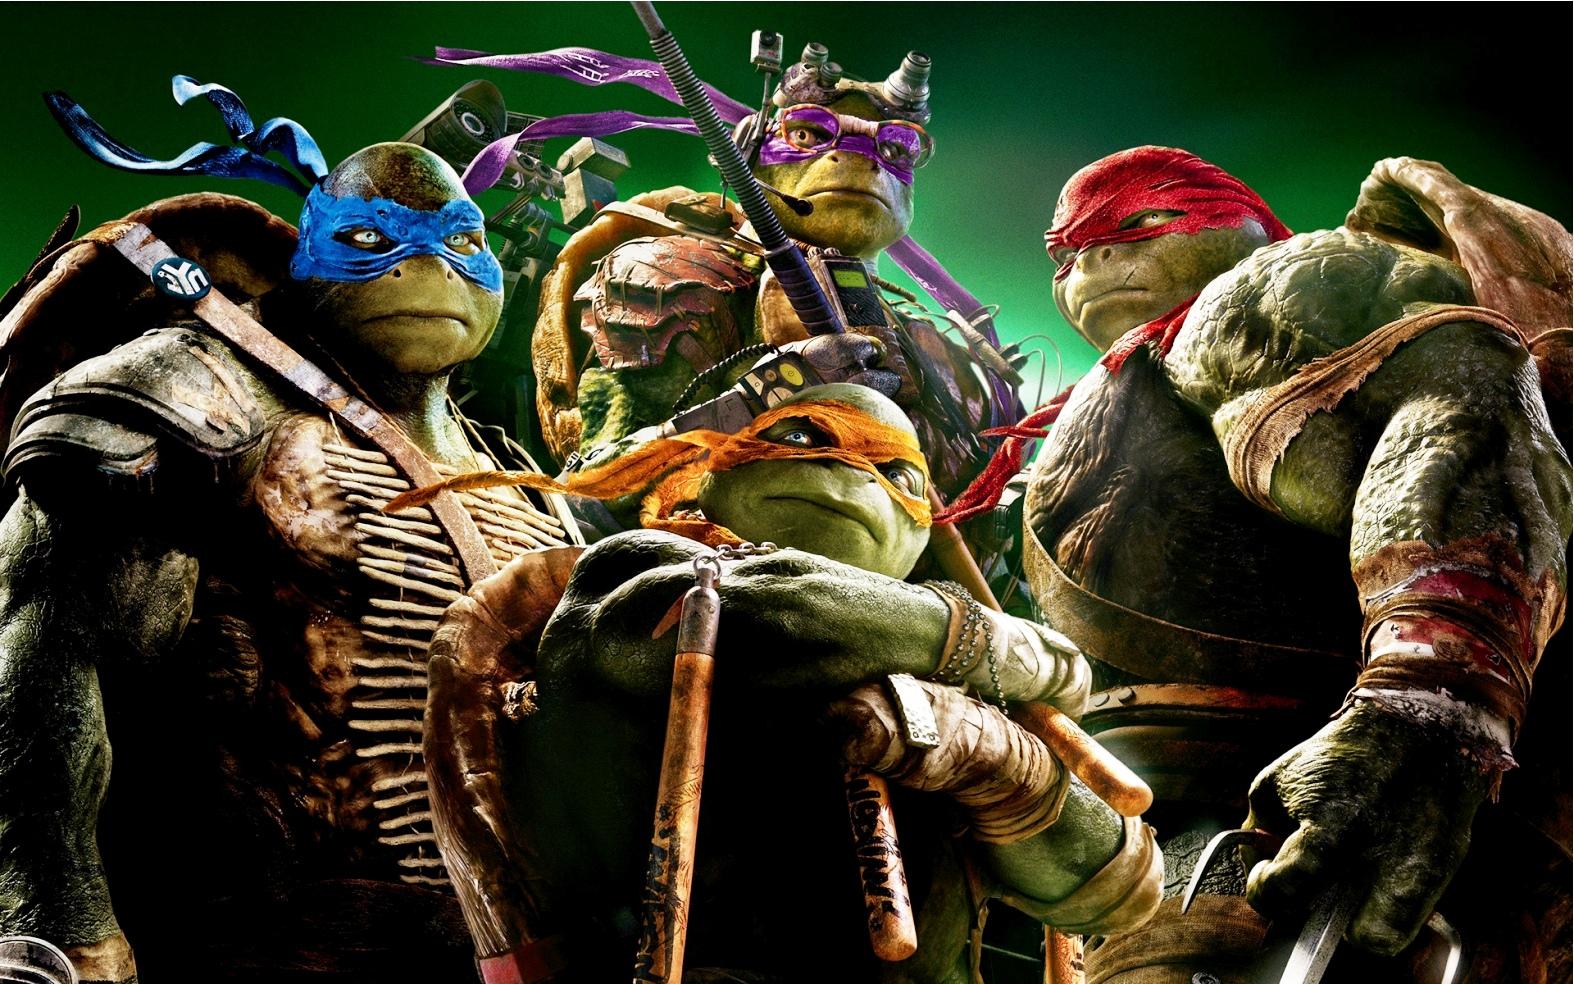 Teenage Mutant Ninja Turtles 3 (2010s)